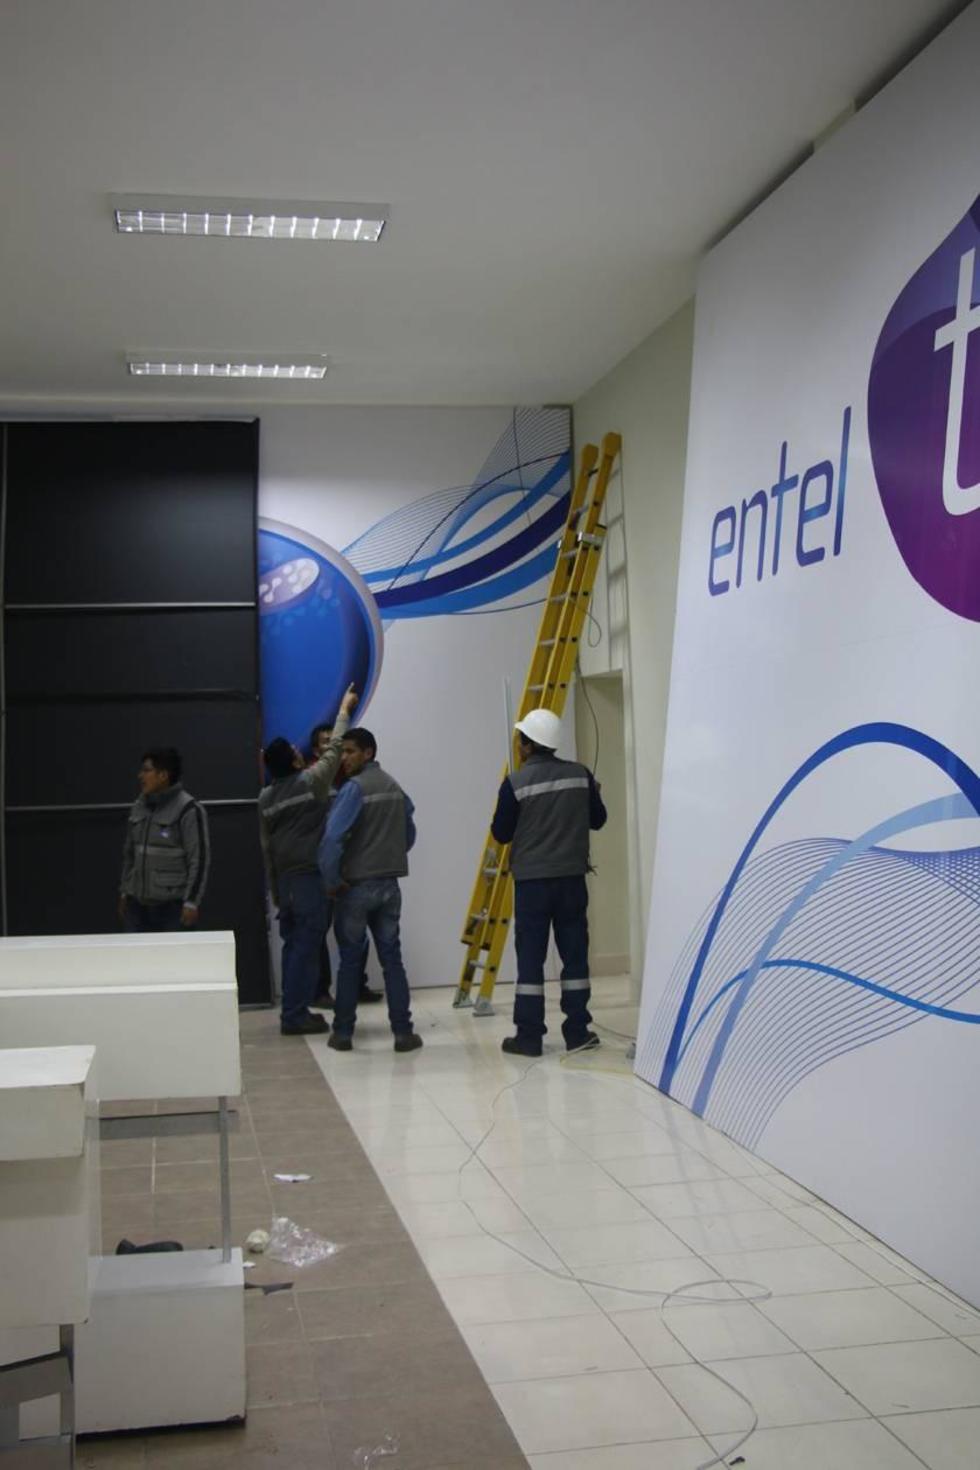 La empresa Entel prepara el espacio.